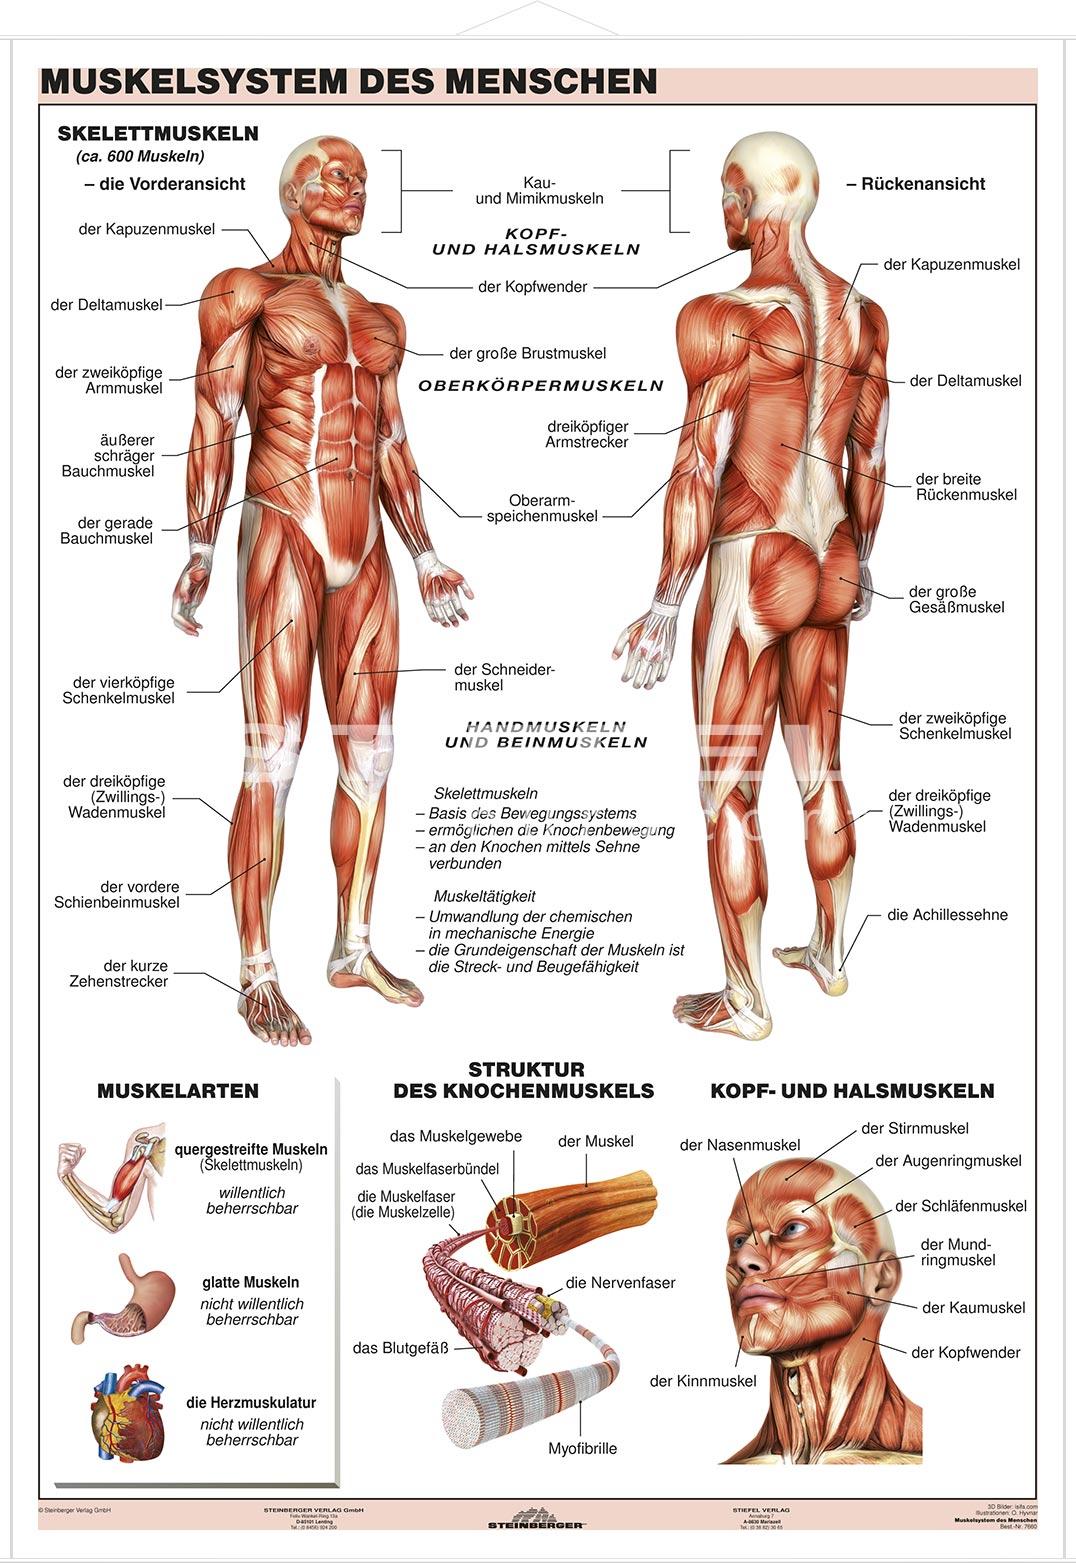 Niedlich Muskelsystem Fotos - Menschliche Anatomie Bilder ...